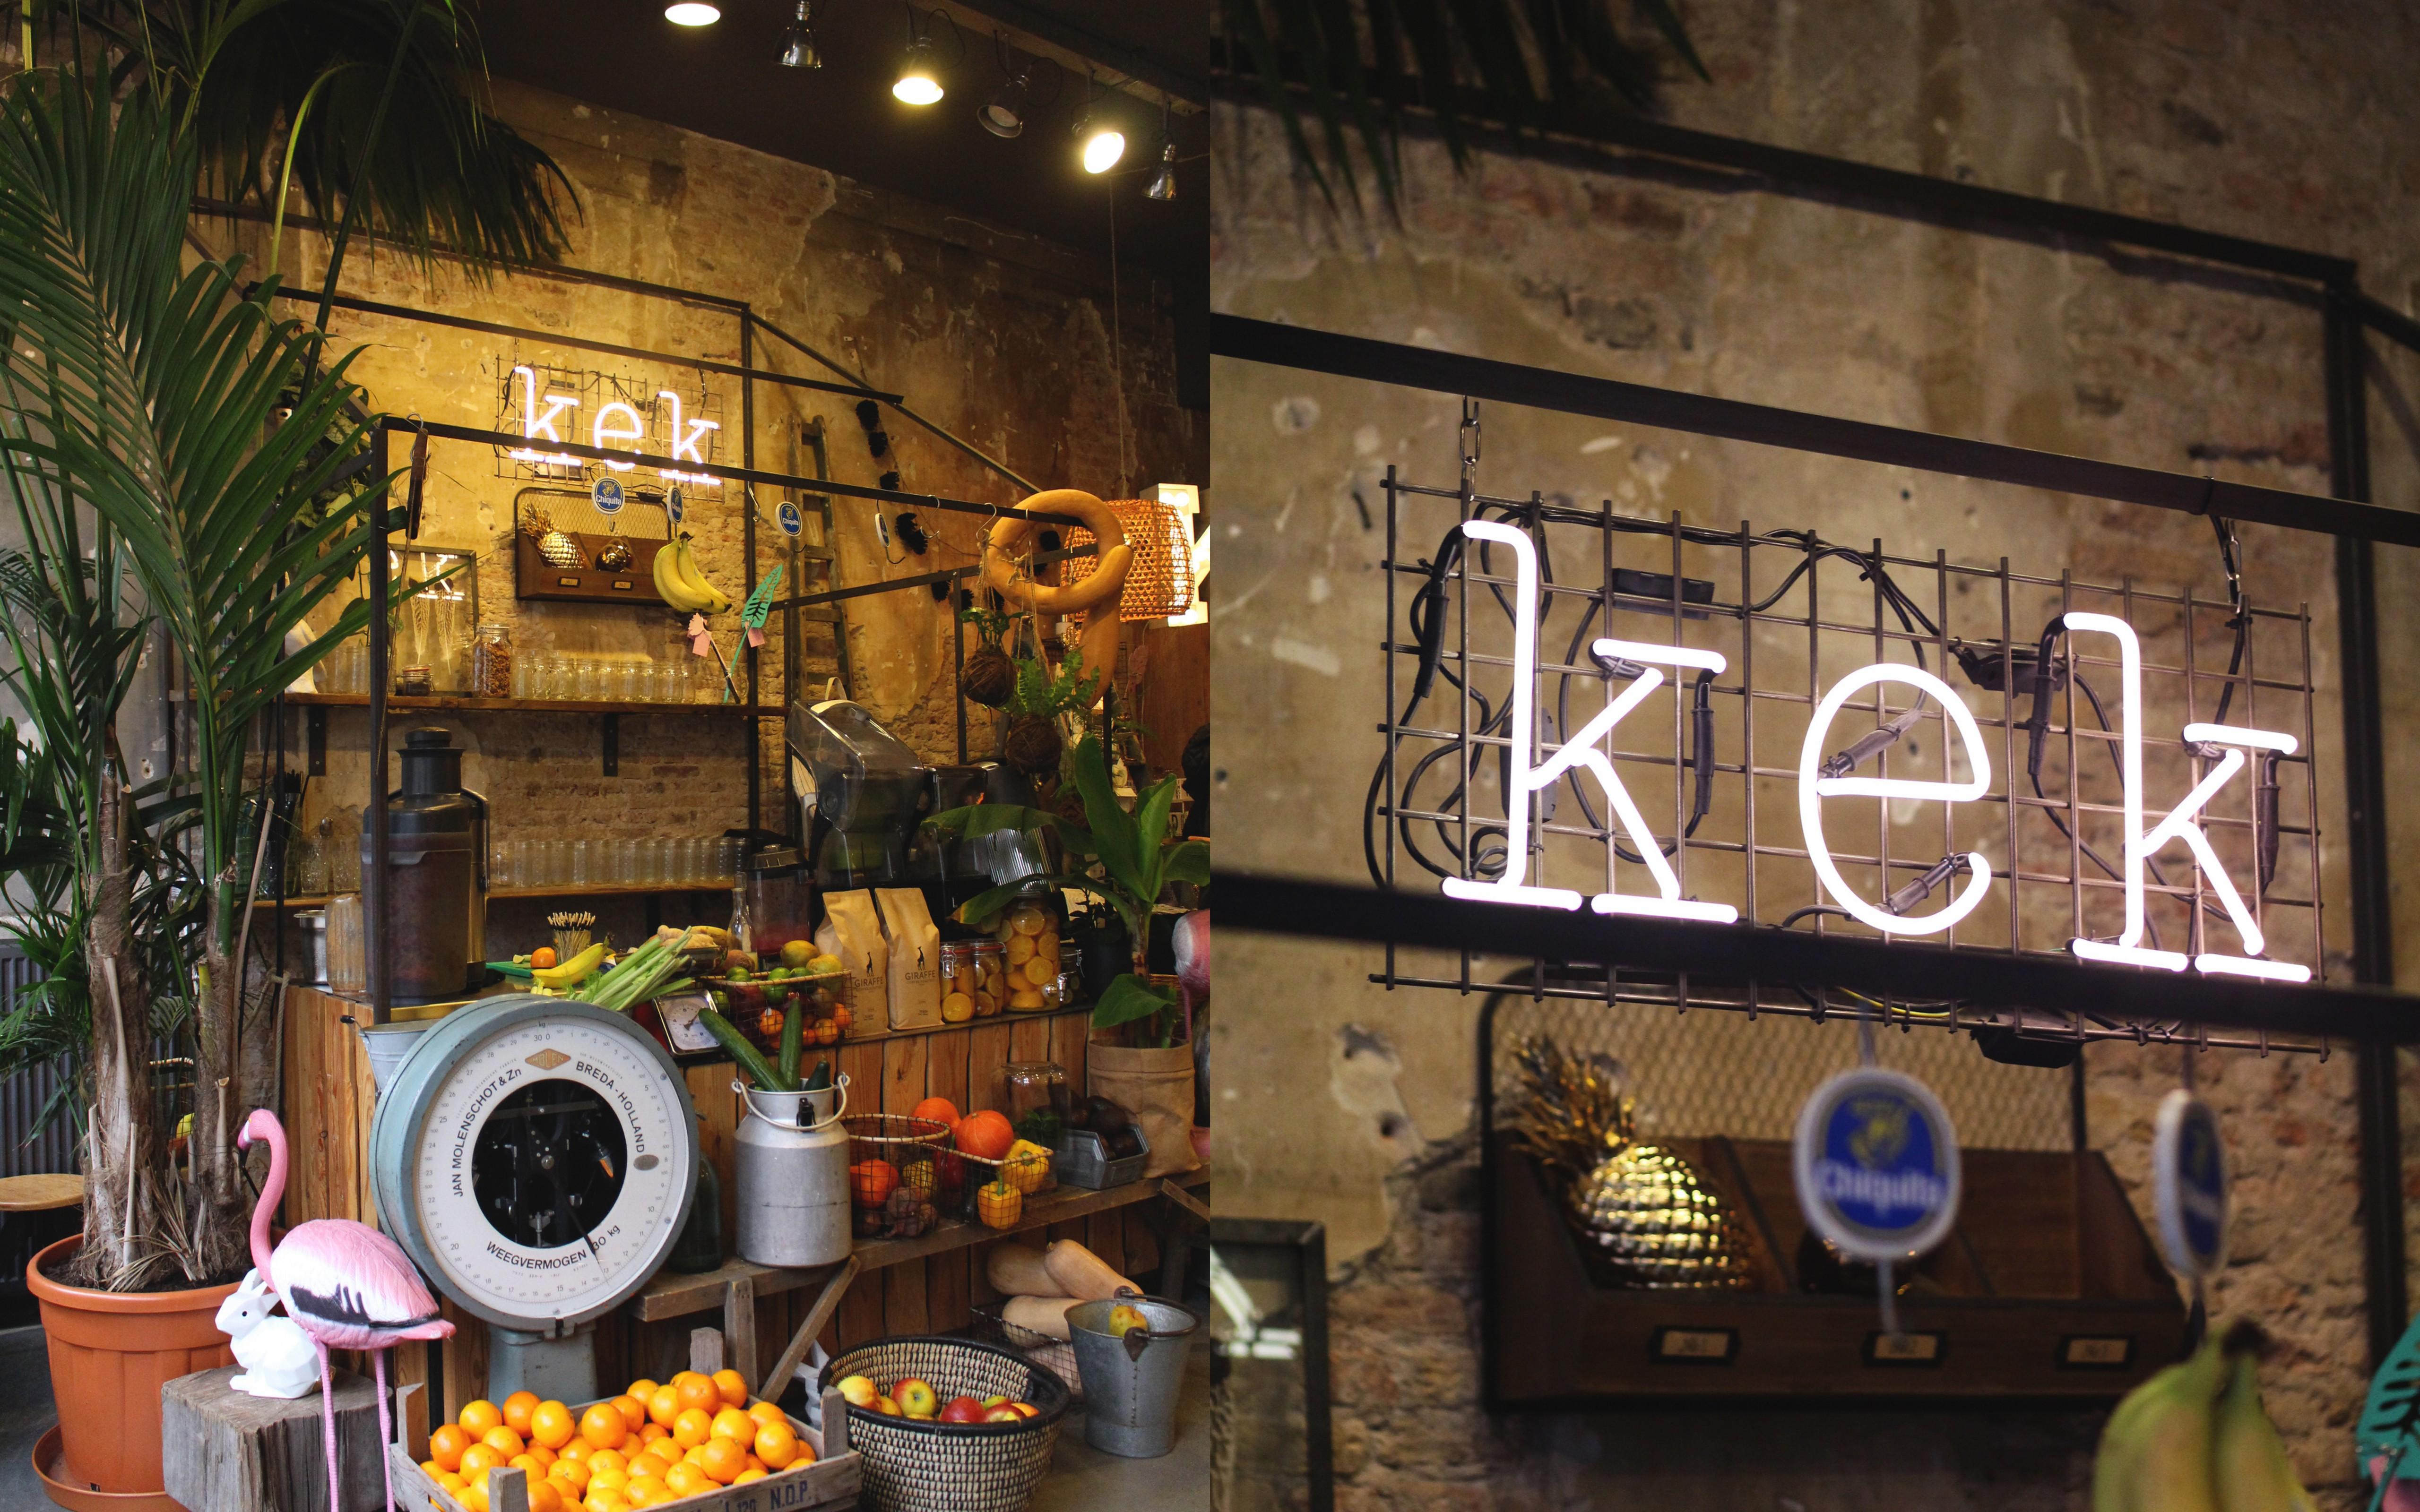 Eten en drinken bij hotspot Kek in Delft